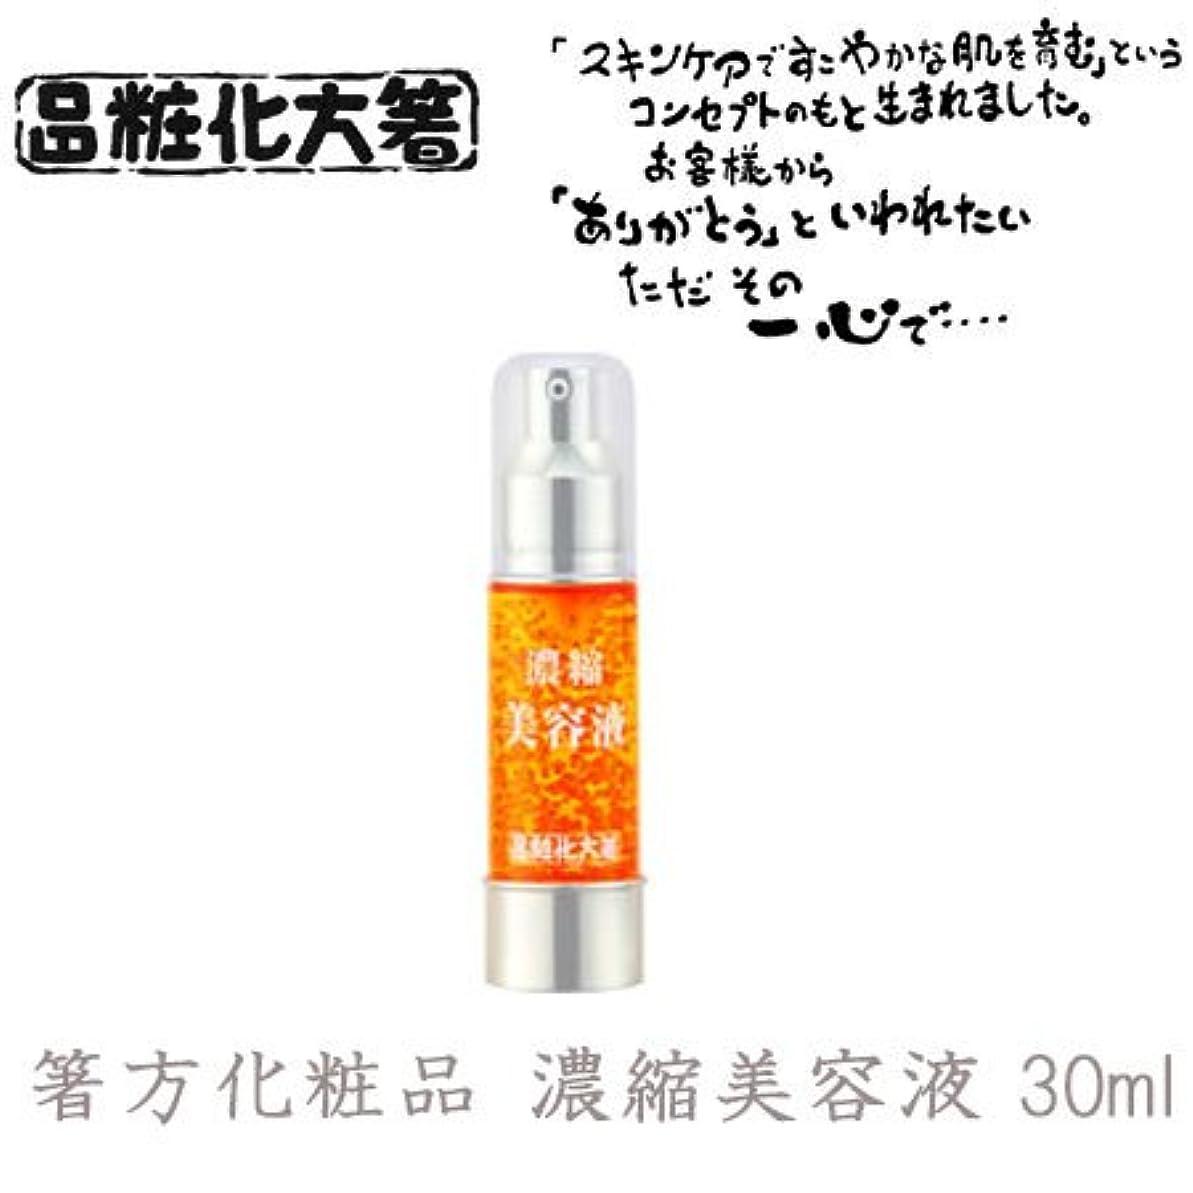 剥ぎ取る確立します旅客箸方化粧品 濃縮美容液 30ml はしかた化粧品